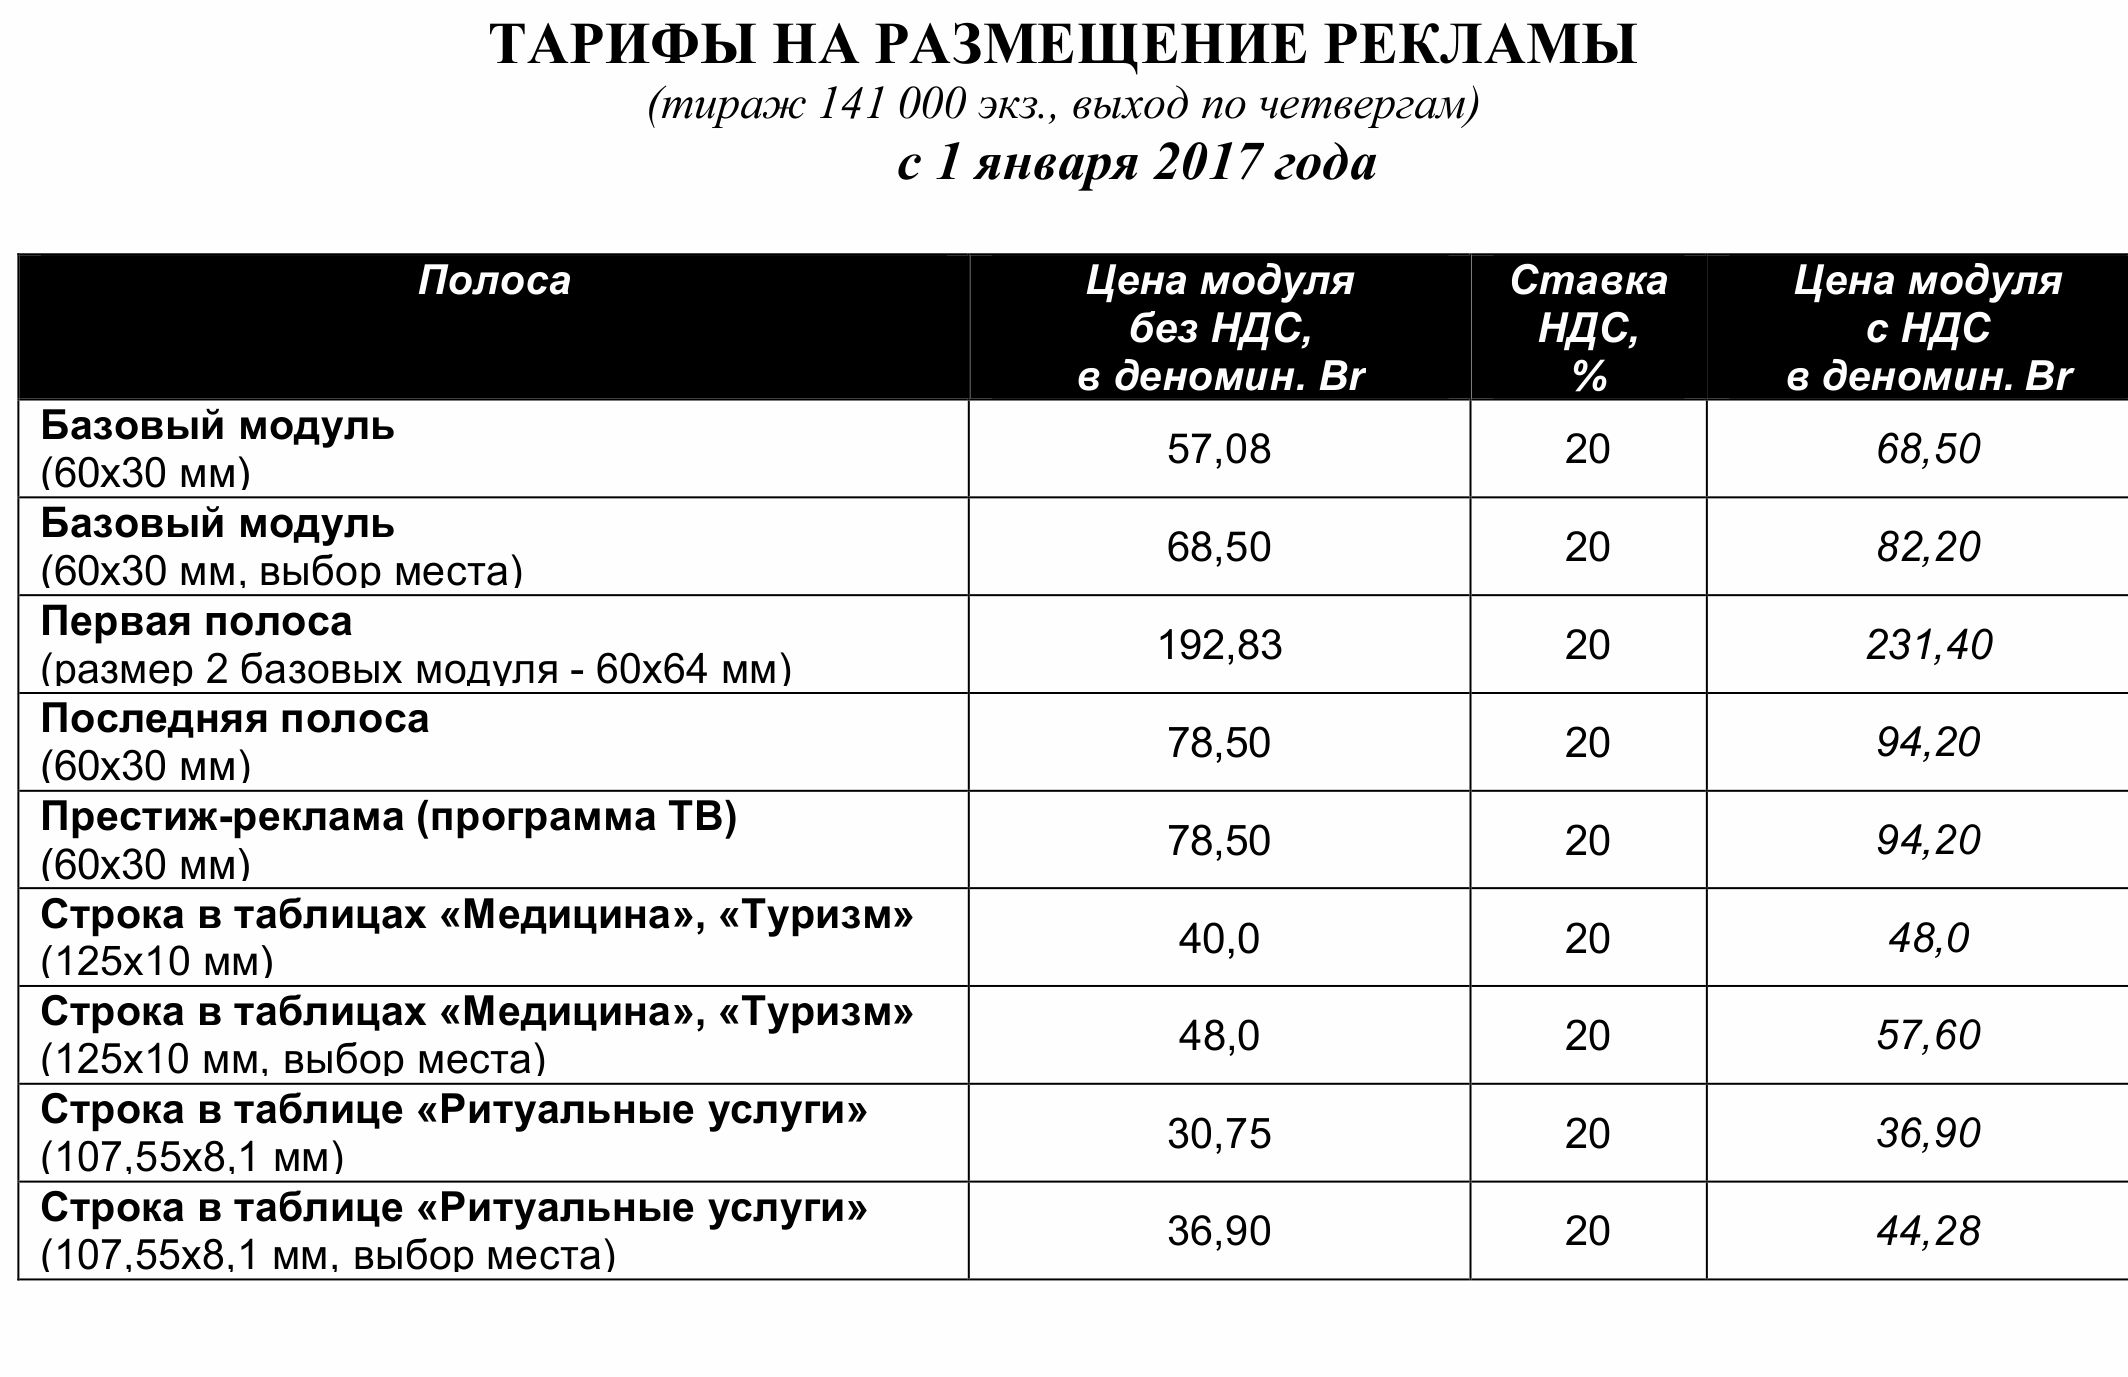 рекламное агентство реклама-он reklama-on.by прайс расценки Минск на ладонях газета